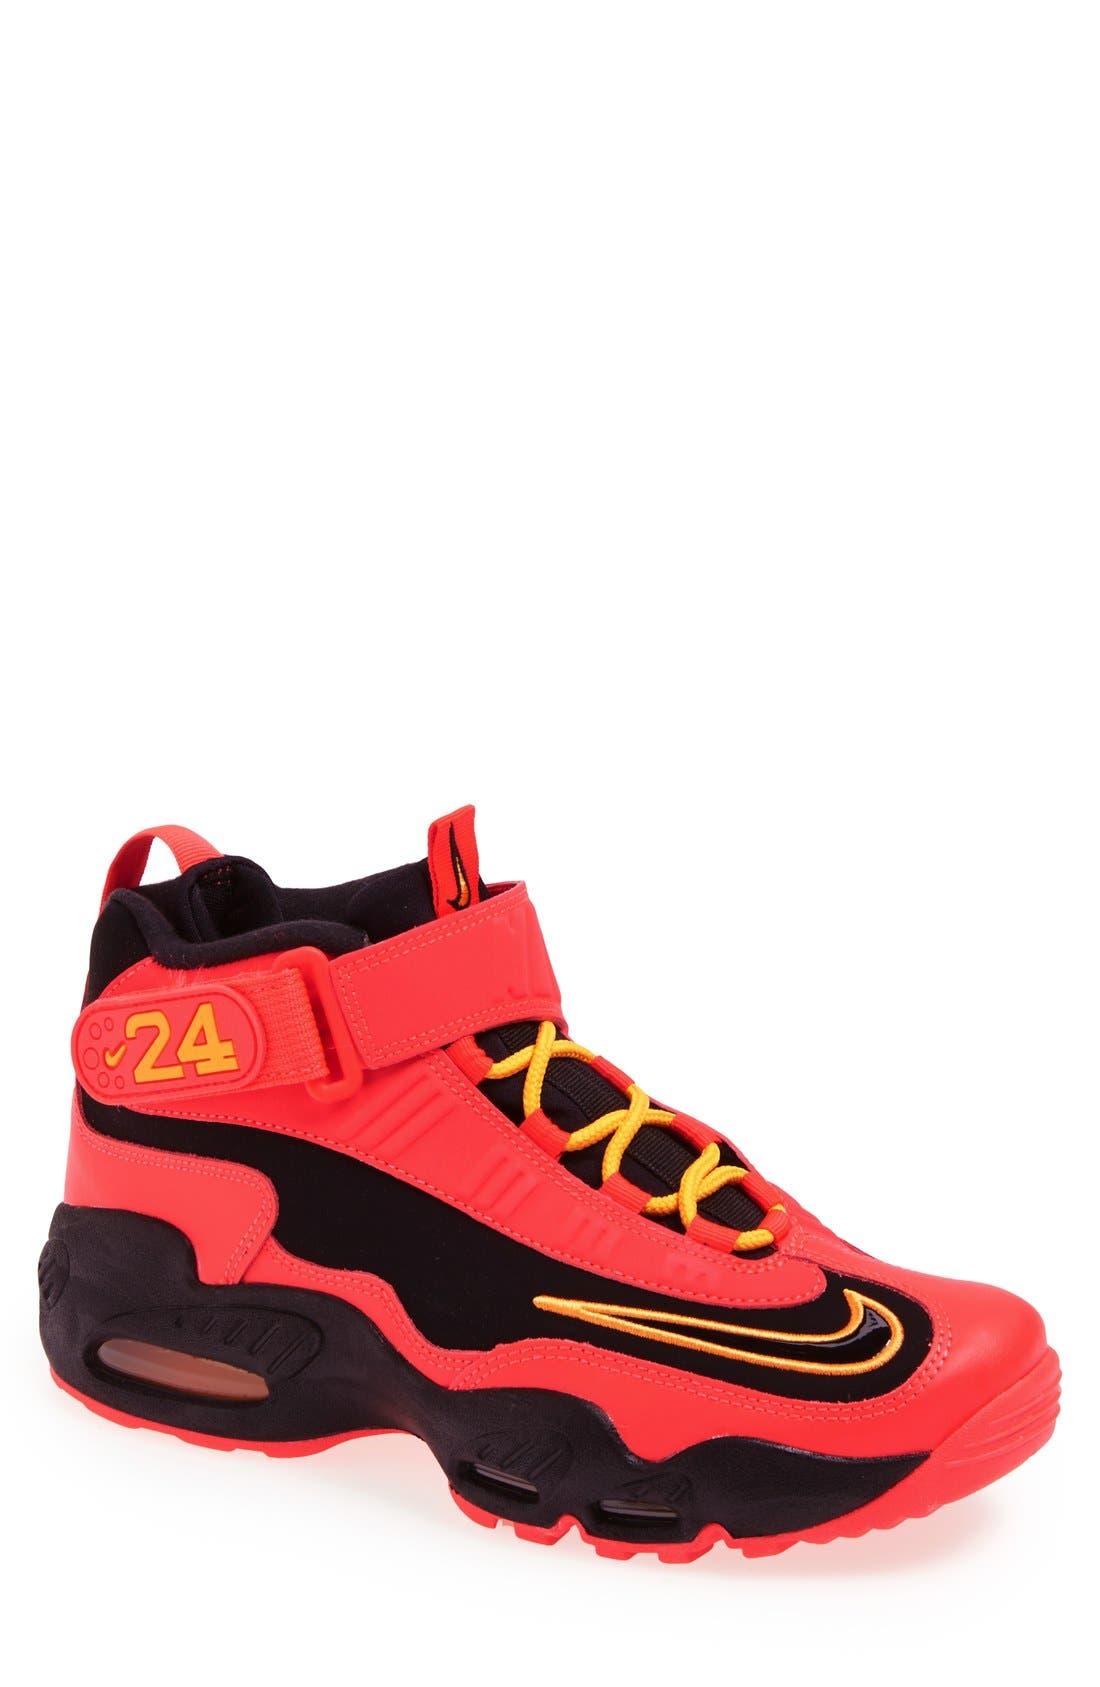 Main Image - Nike 'Air Griffey Max 1' Sneaker (Men)